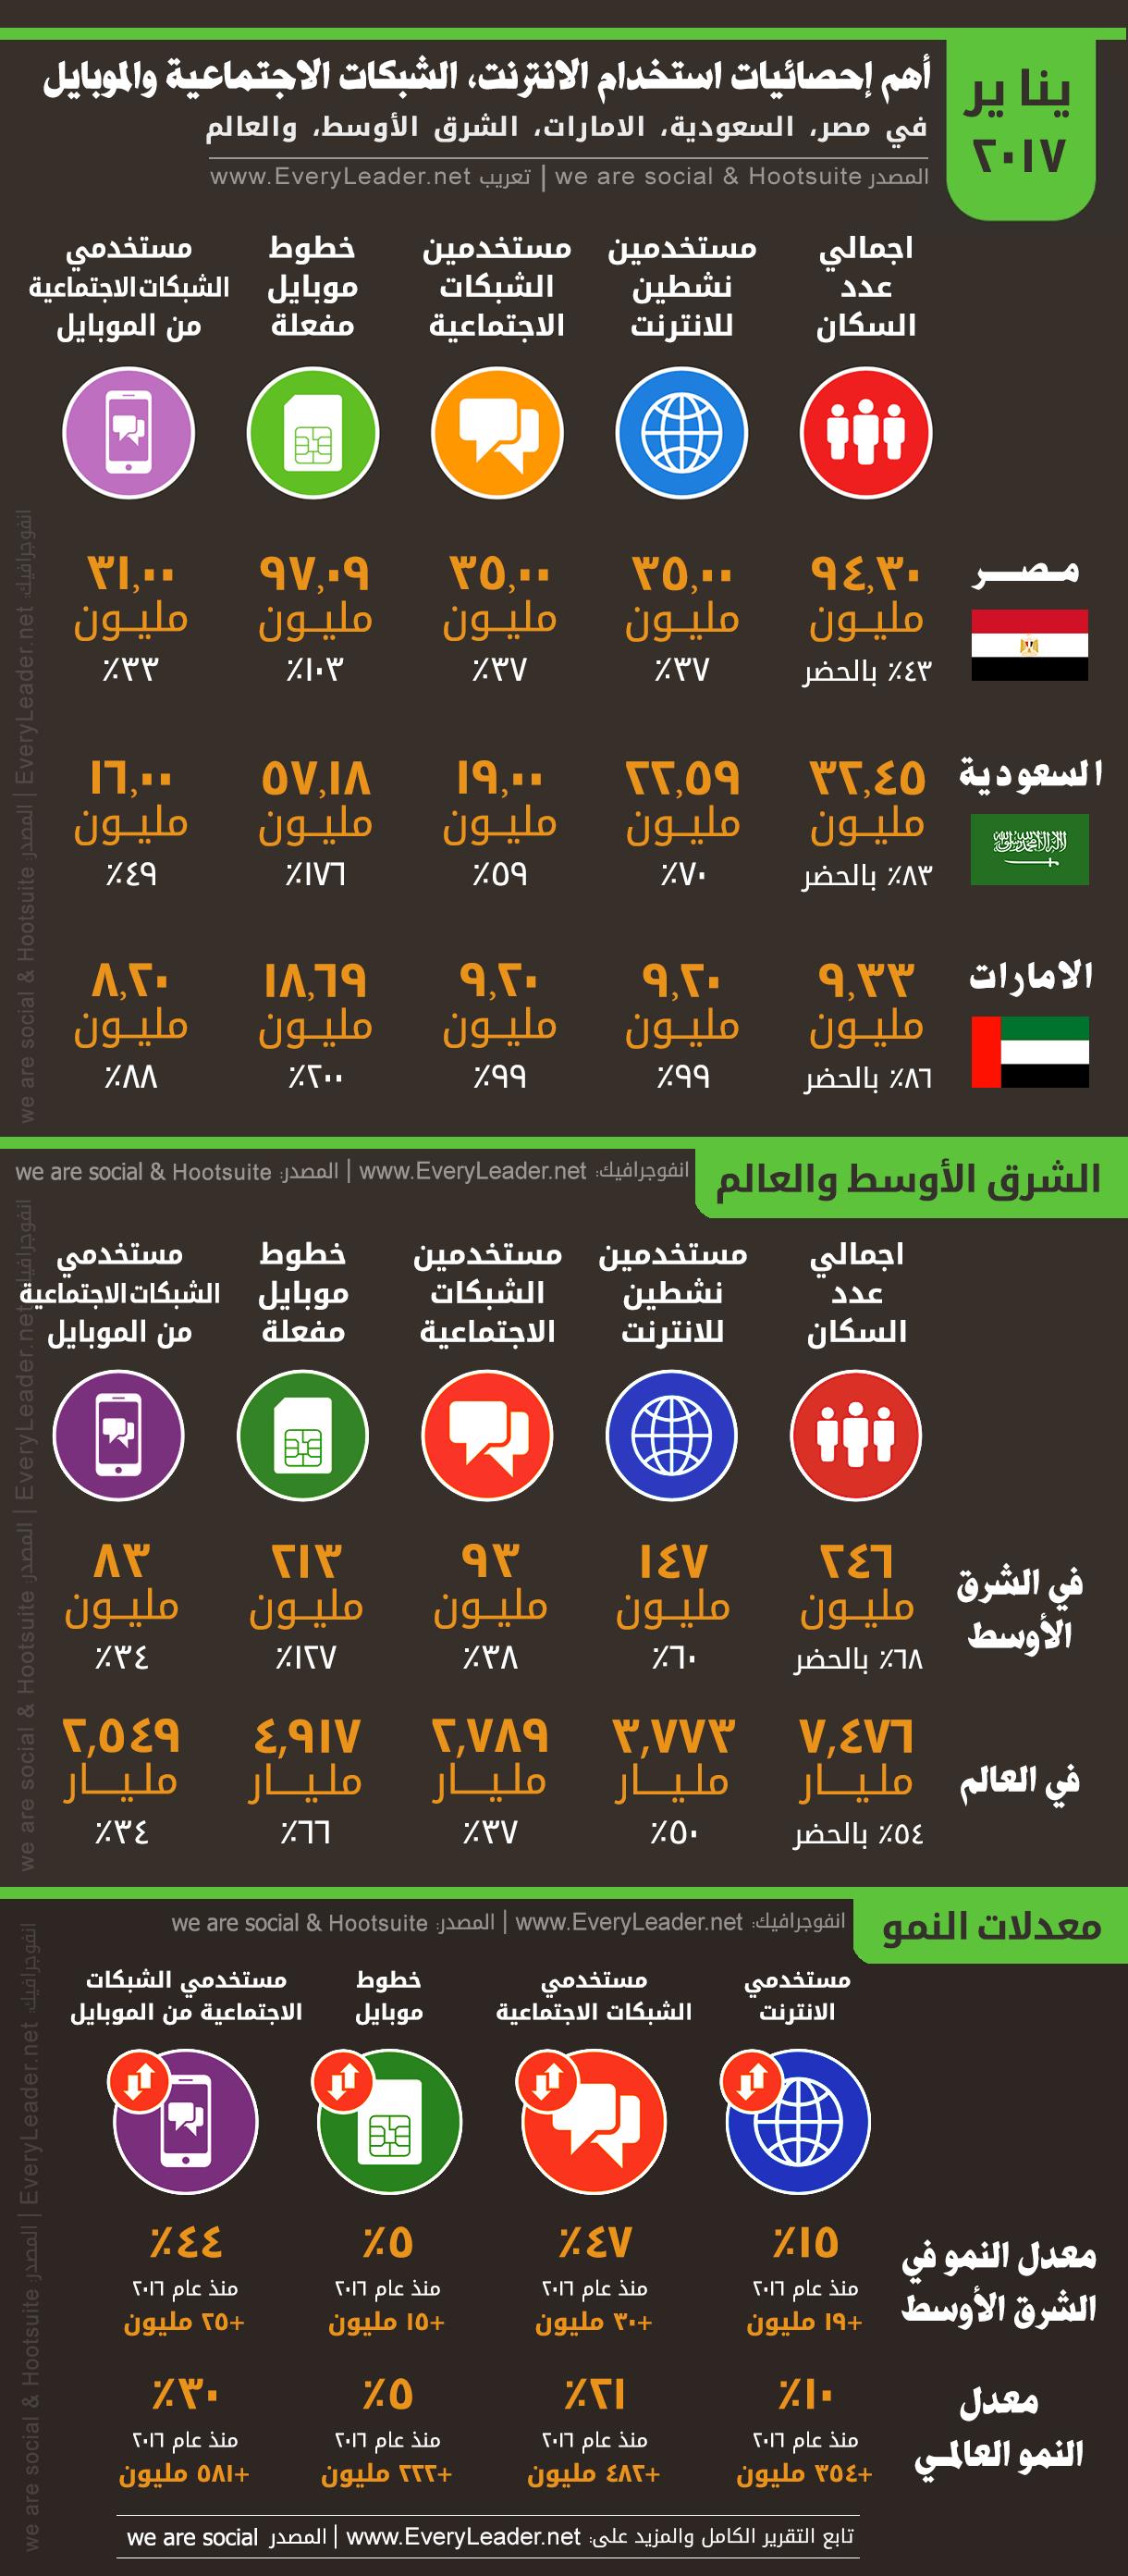 انفوجرافيك أهم احصائيات استخدام الانترنت الشبكات الاجتماعية والموبايل في مصر السعودية الامارات والشرق الأوسط تقرير Infographic Social Media Advertising